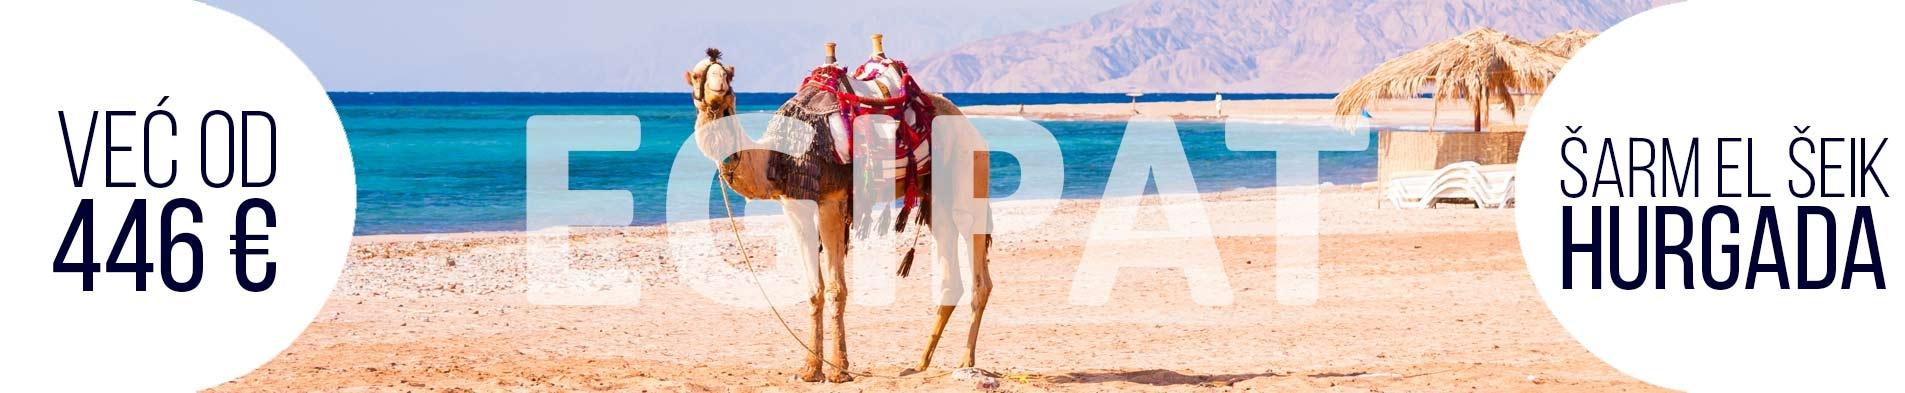 Egipat letovanje 2020 Hurgada Šarm el šeik